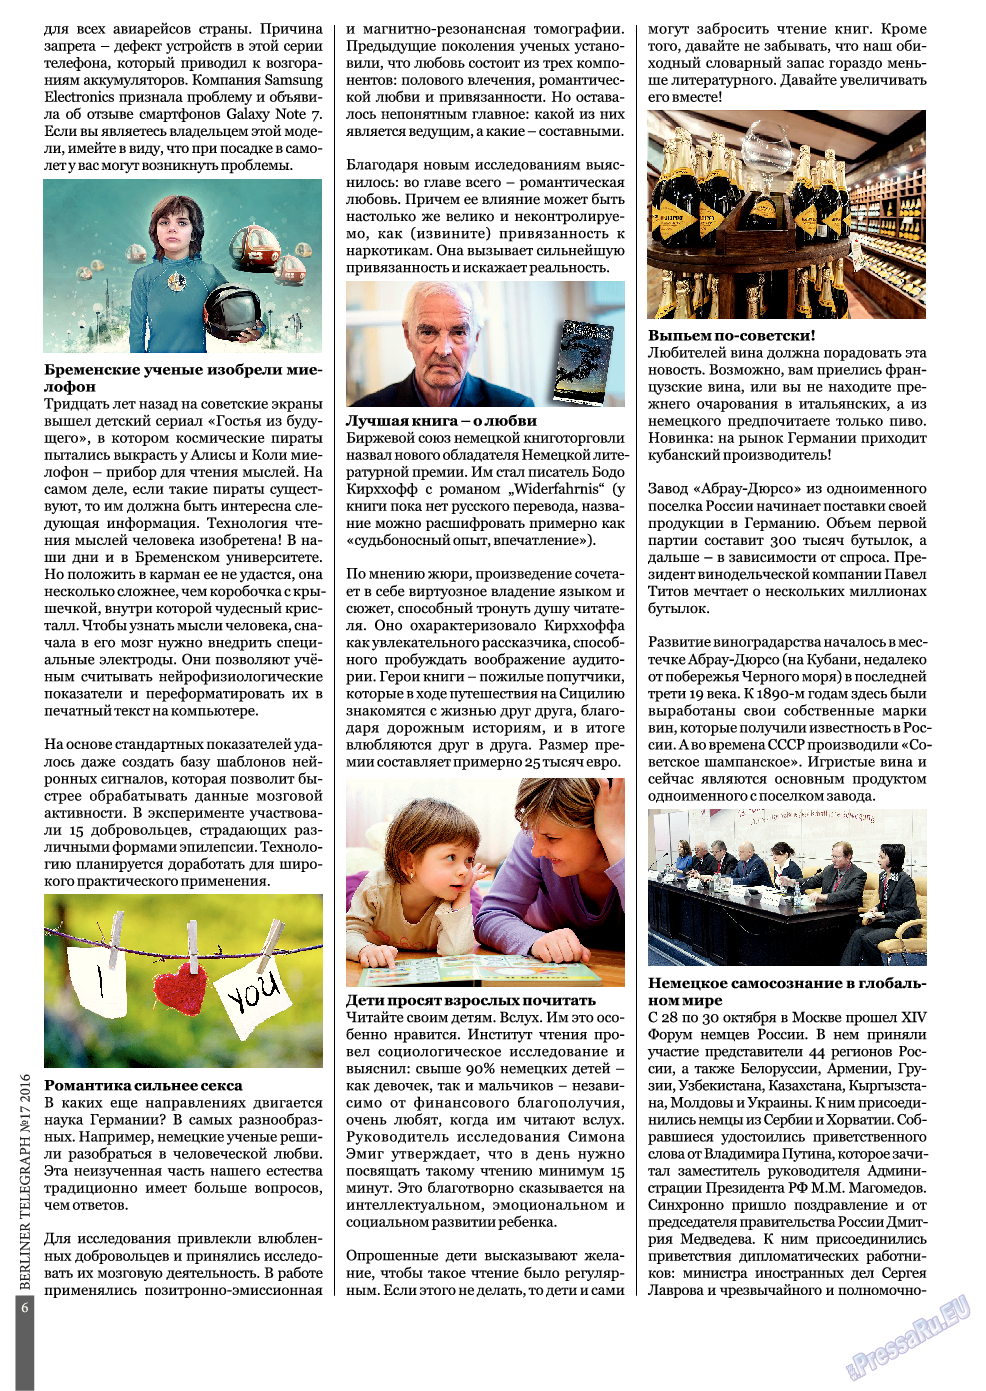 Берлинский телеграф (журнал). 2016 год, номер 17, стр. 6